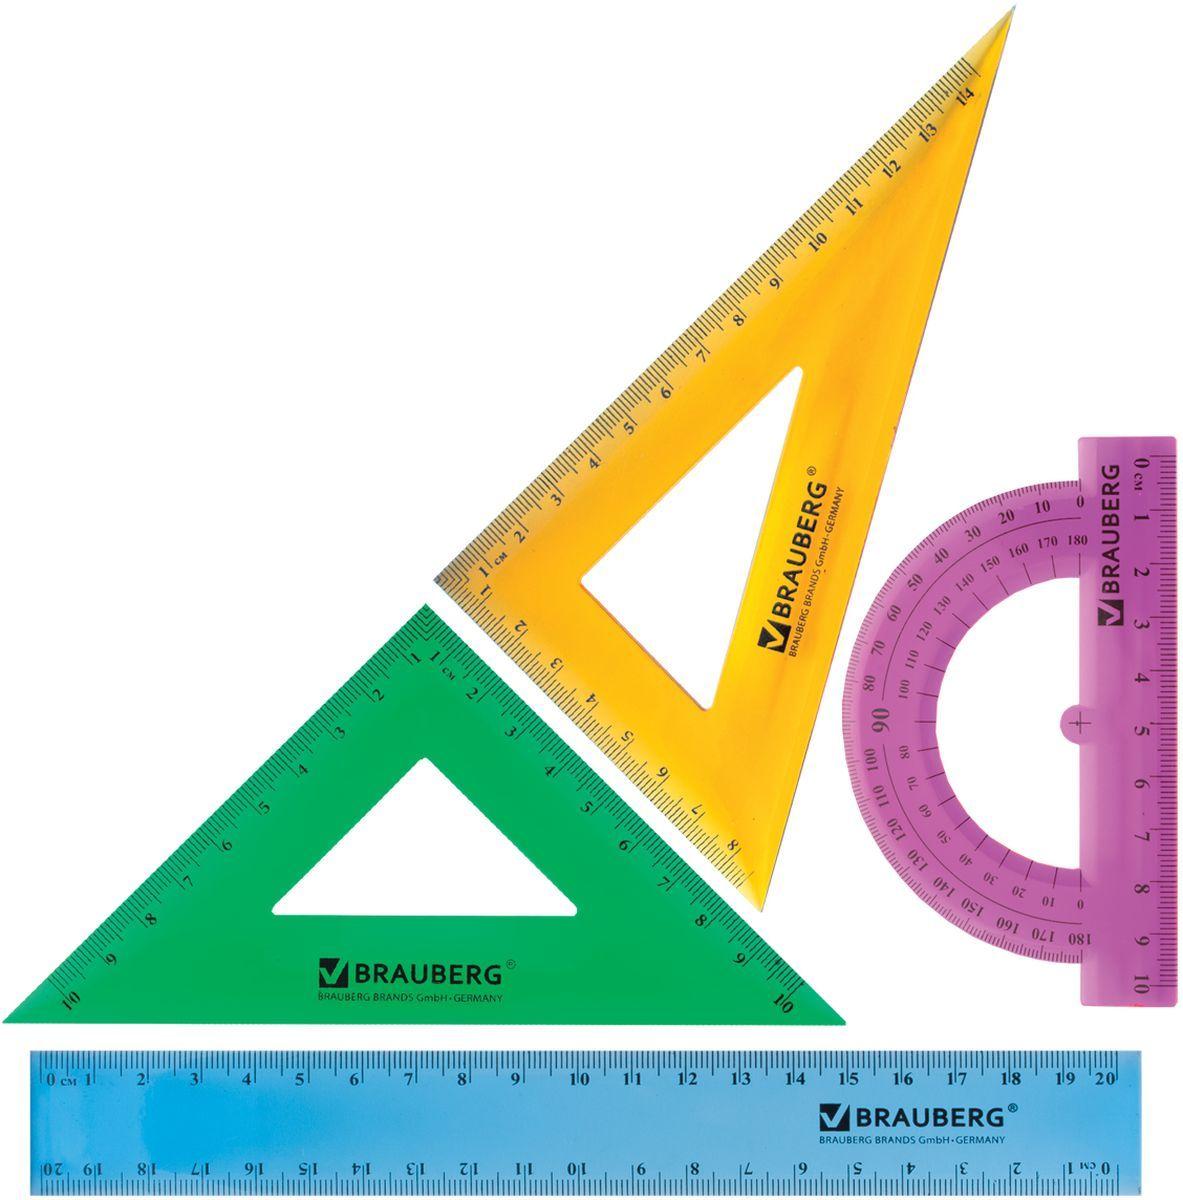 Brauberg Набор чертежный Сrystal 210296210296Набор геометрический Brauberg Сrystal из яркого, прочного пластика толщиной 1,6 - 2 мм. Предназначен для чертёжных работ. Набор включает в себя четыре предмета: линейка со шкалами 20 см/20 см, треугольник с углами 30°/60° и шкалами 14,5 см/8,5 см, треугольник с углами 45°/45° и шкалами 10 см/10 см, транспортир 180°.